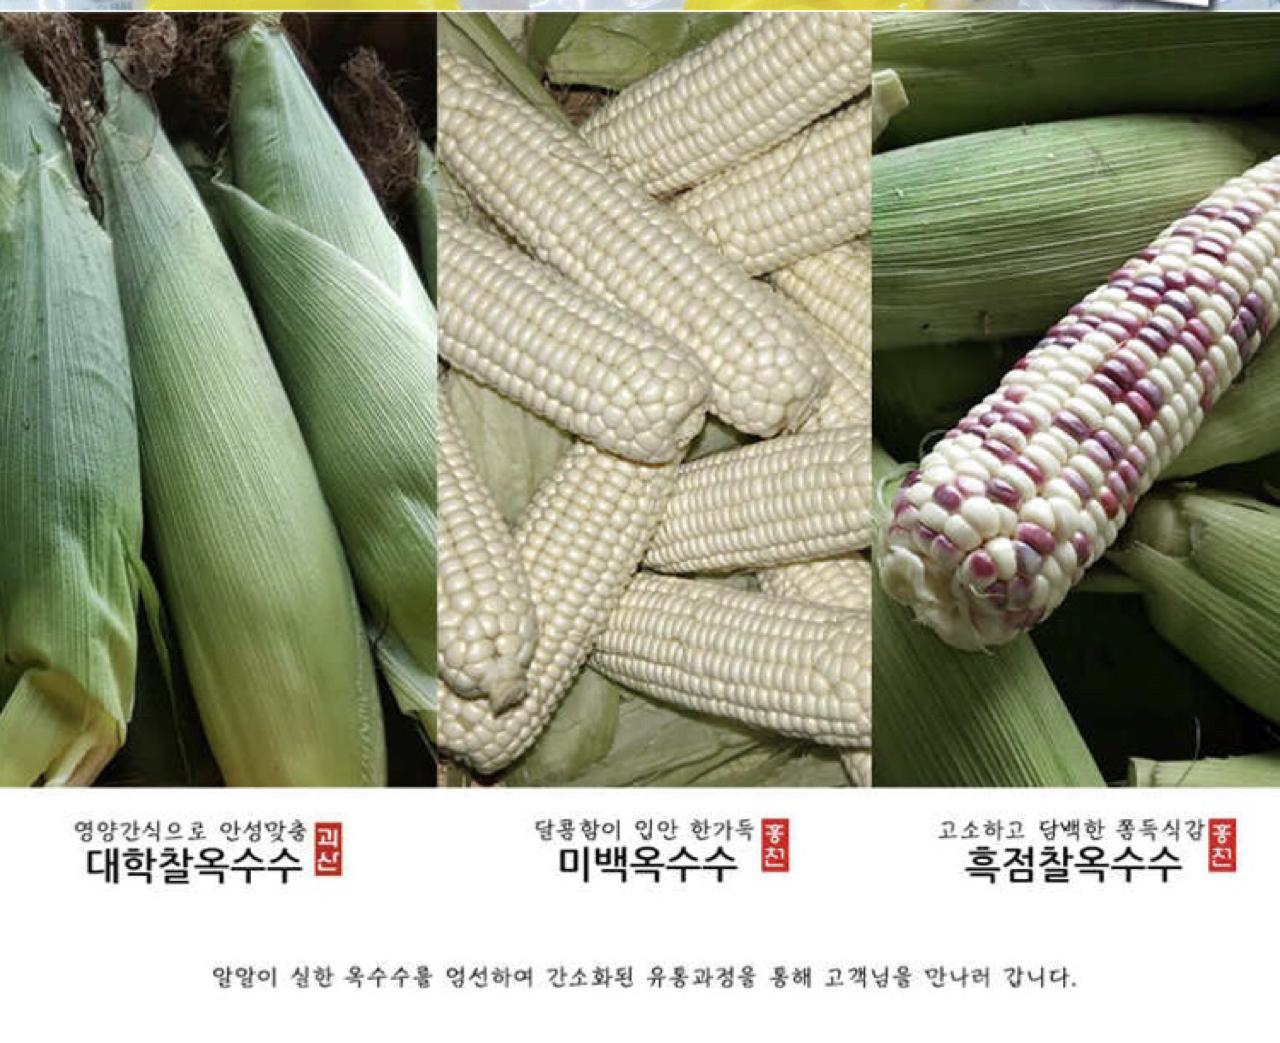 [무료배송] 괴산대학 찰/미백/흑점 냉동 옥수수 판매